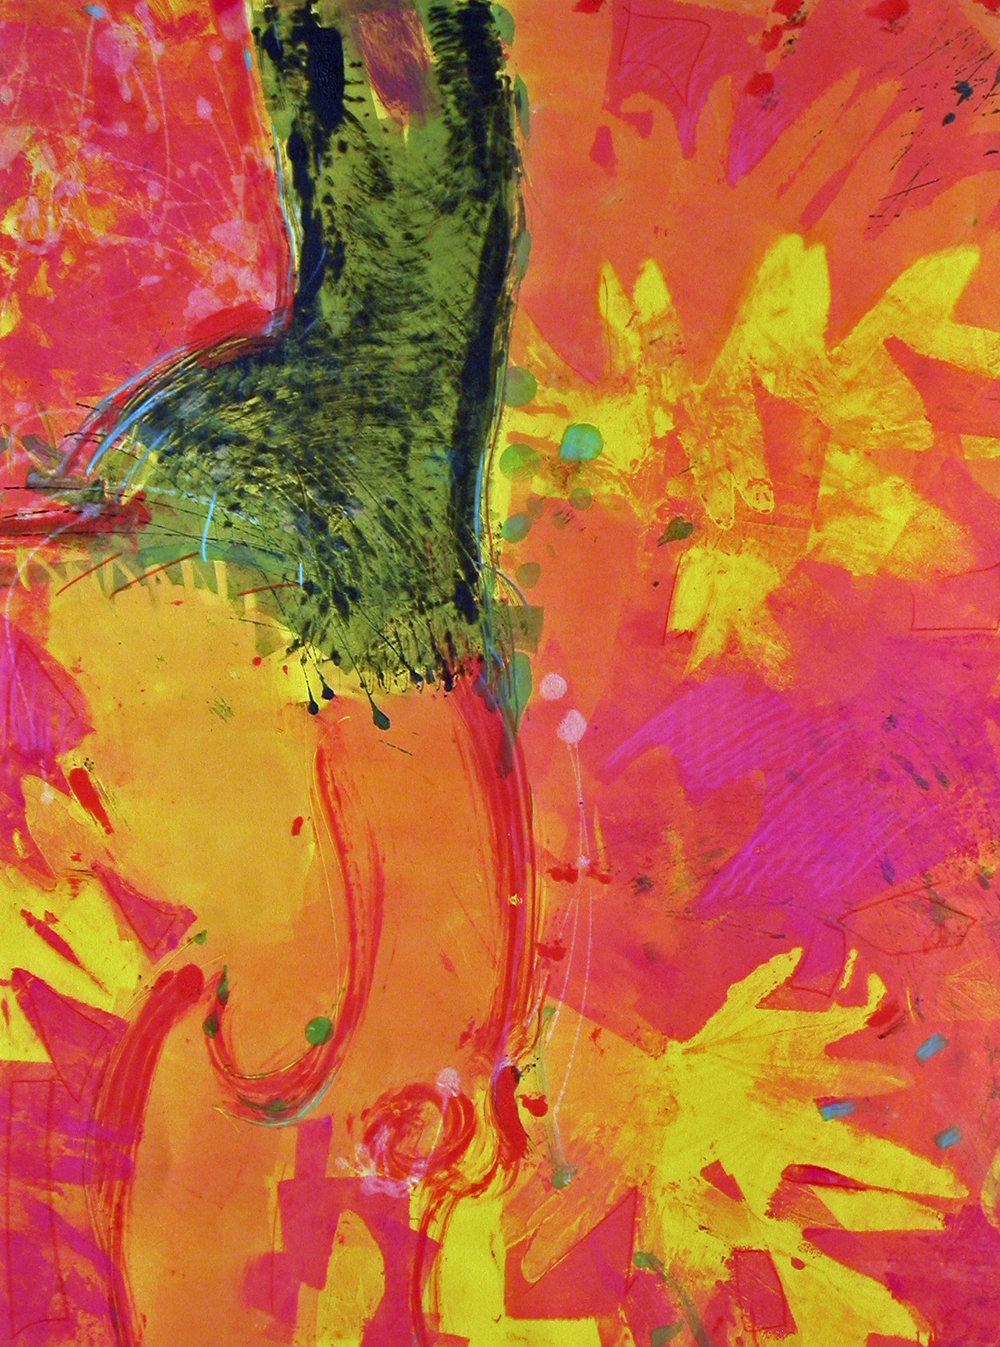 Dancer  - Monotype, Oilbar, Stencil, 30x22, 2010